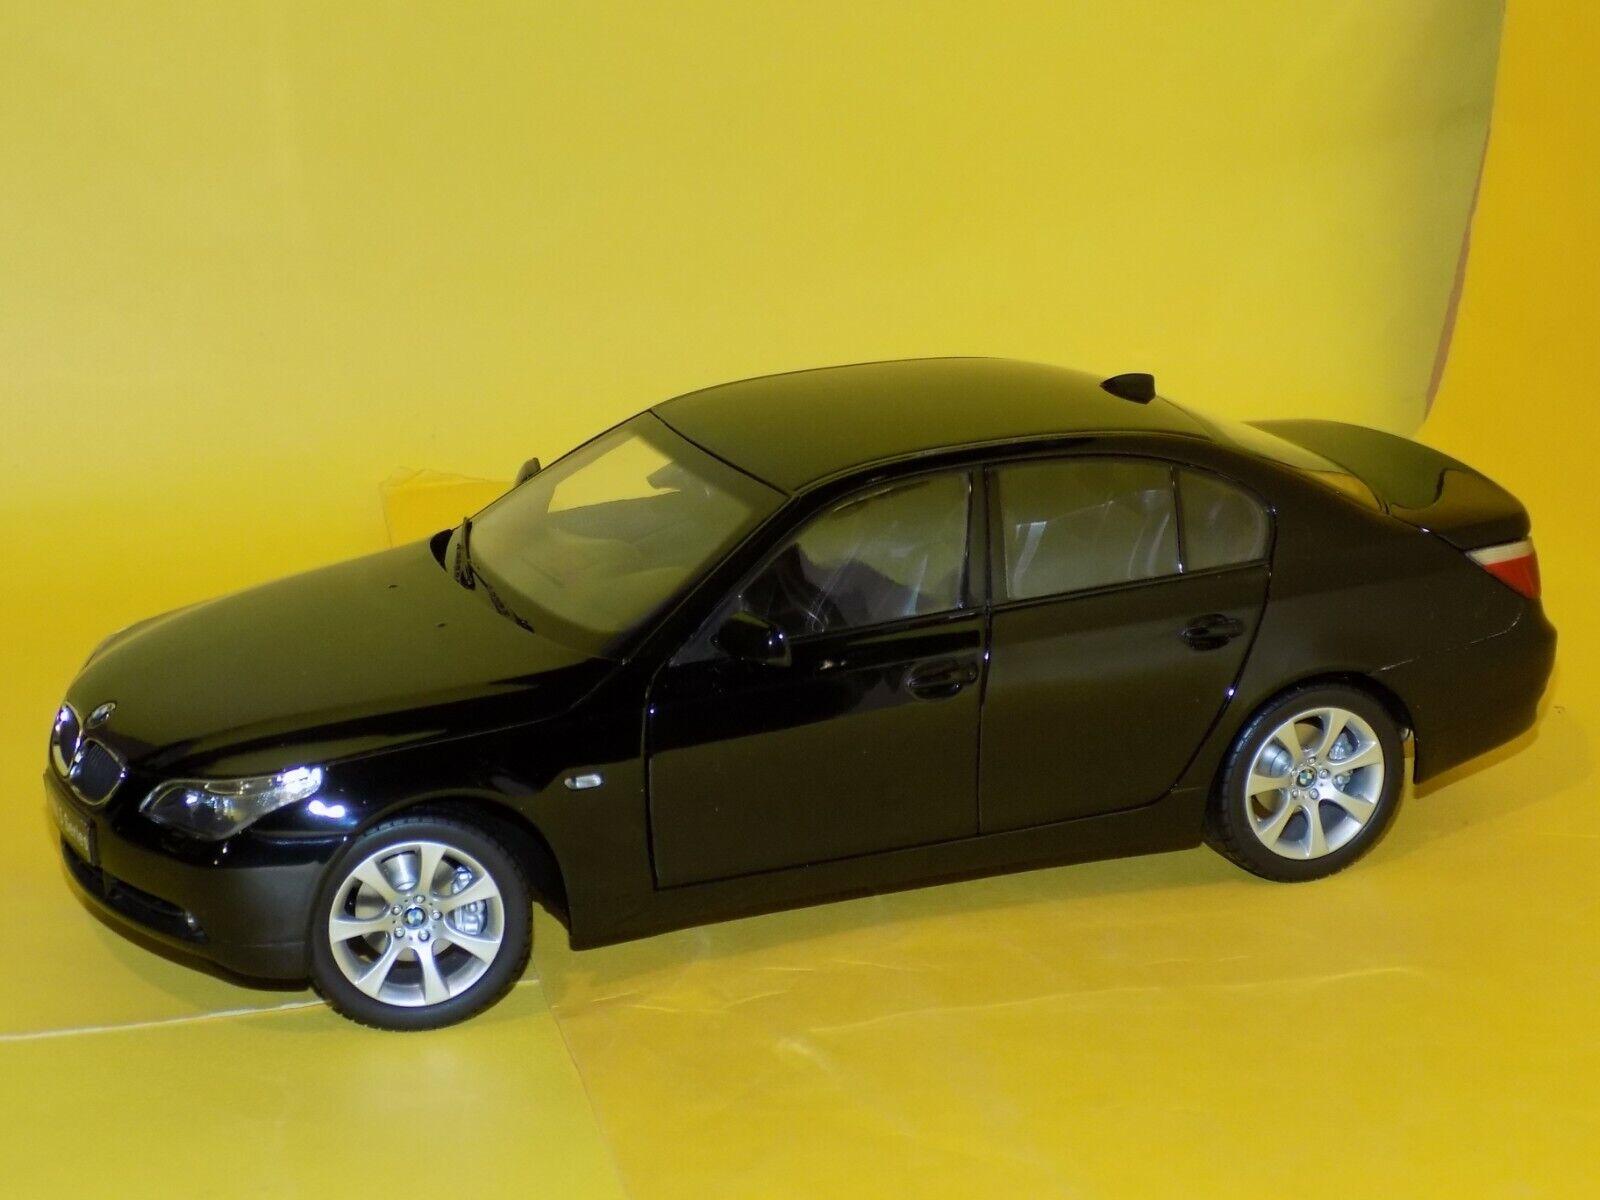 BMW Série 5 Noir 545I BERLINE 2003 08591BK KYOSHO 1 18